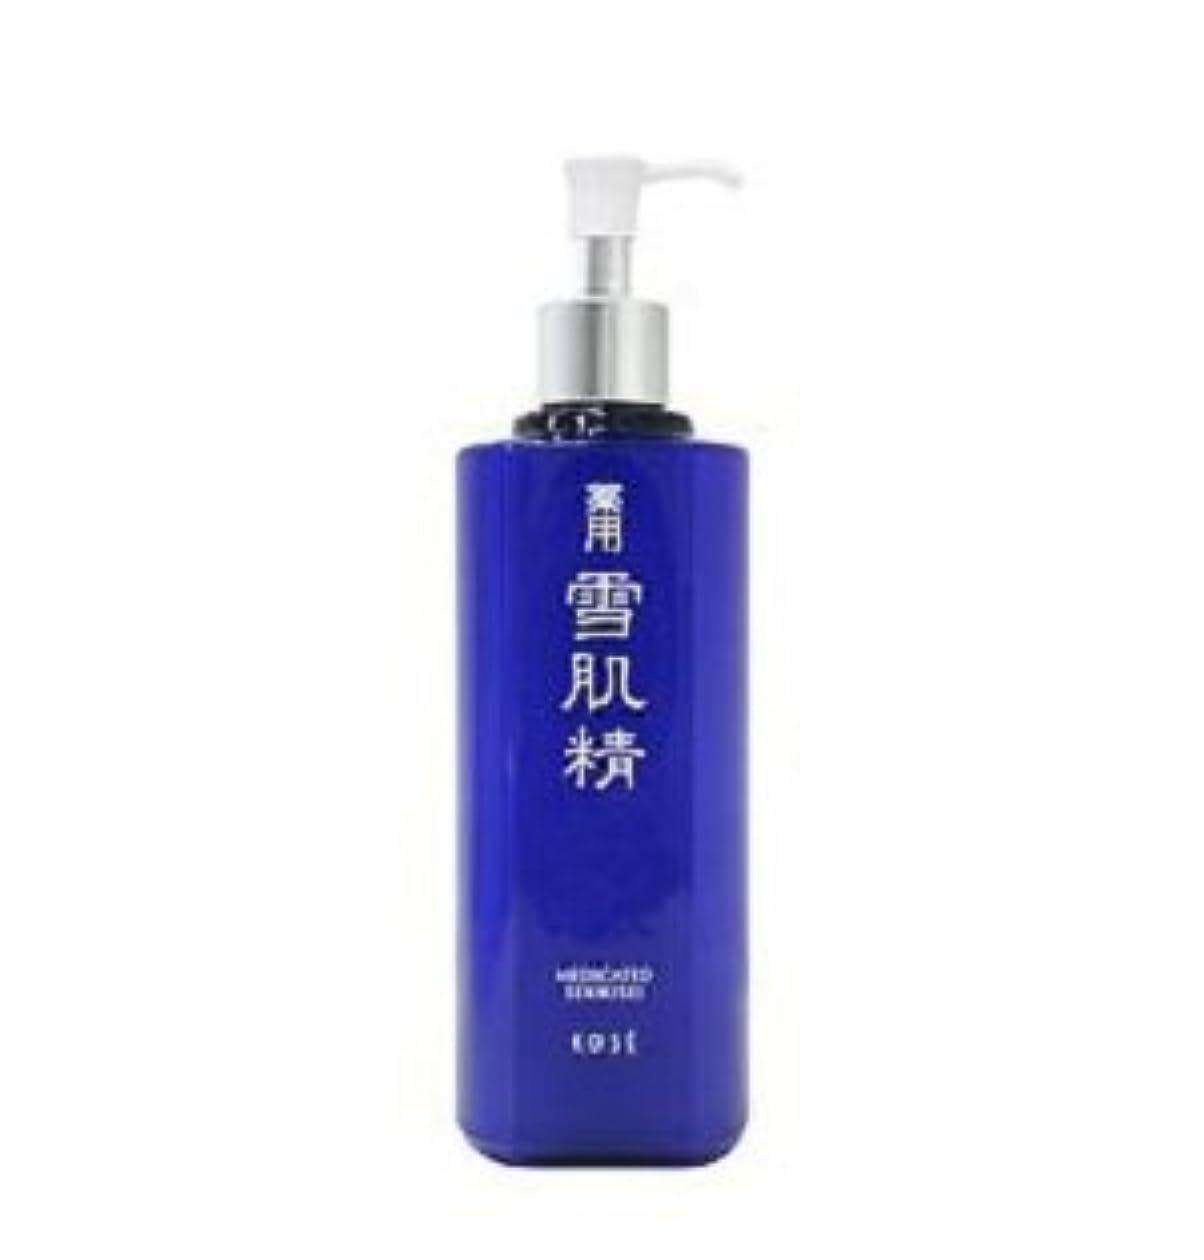 複数ええ筋肉のコーセー 薬用 雪肌精 化粧水 500ml 限定発売 ラージ ボトル